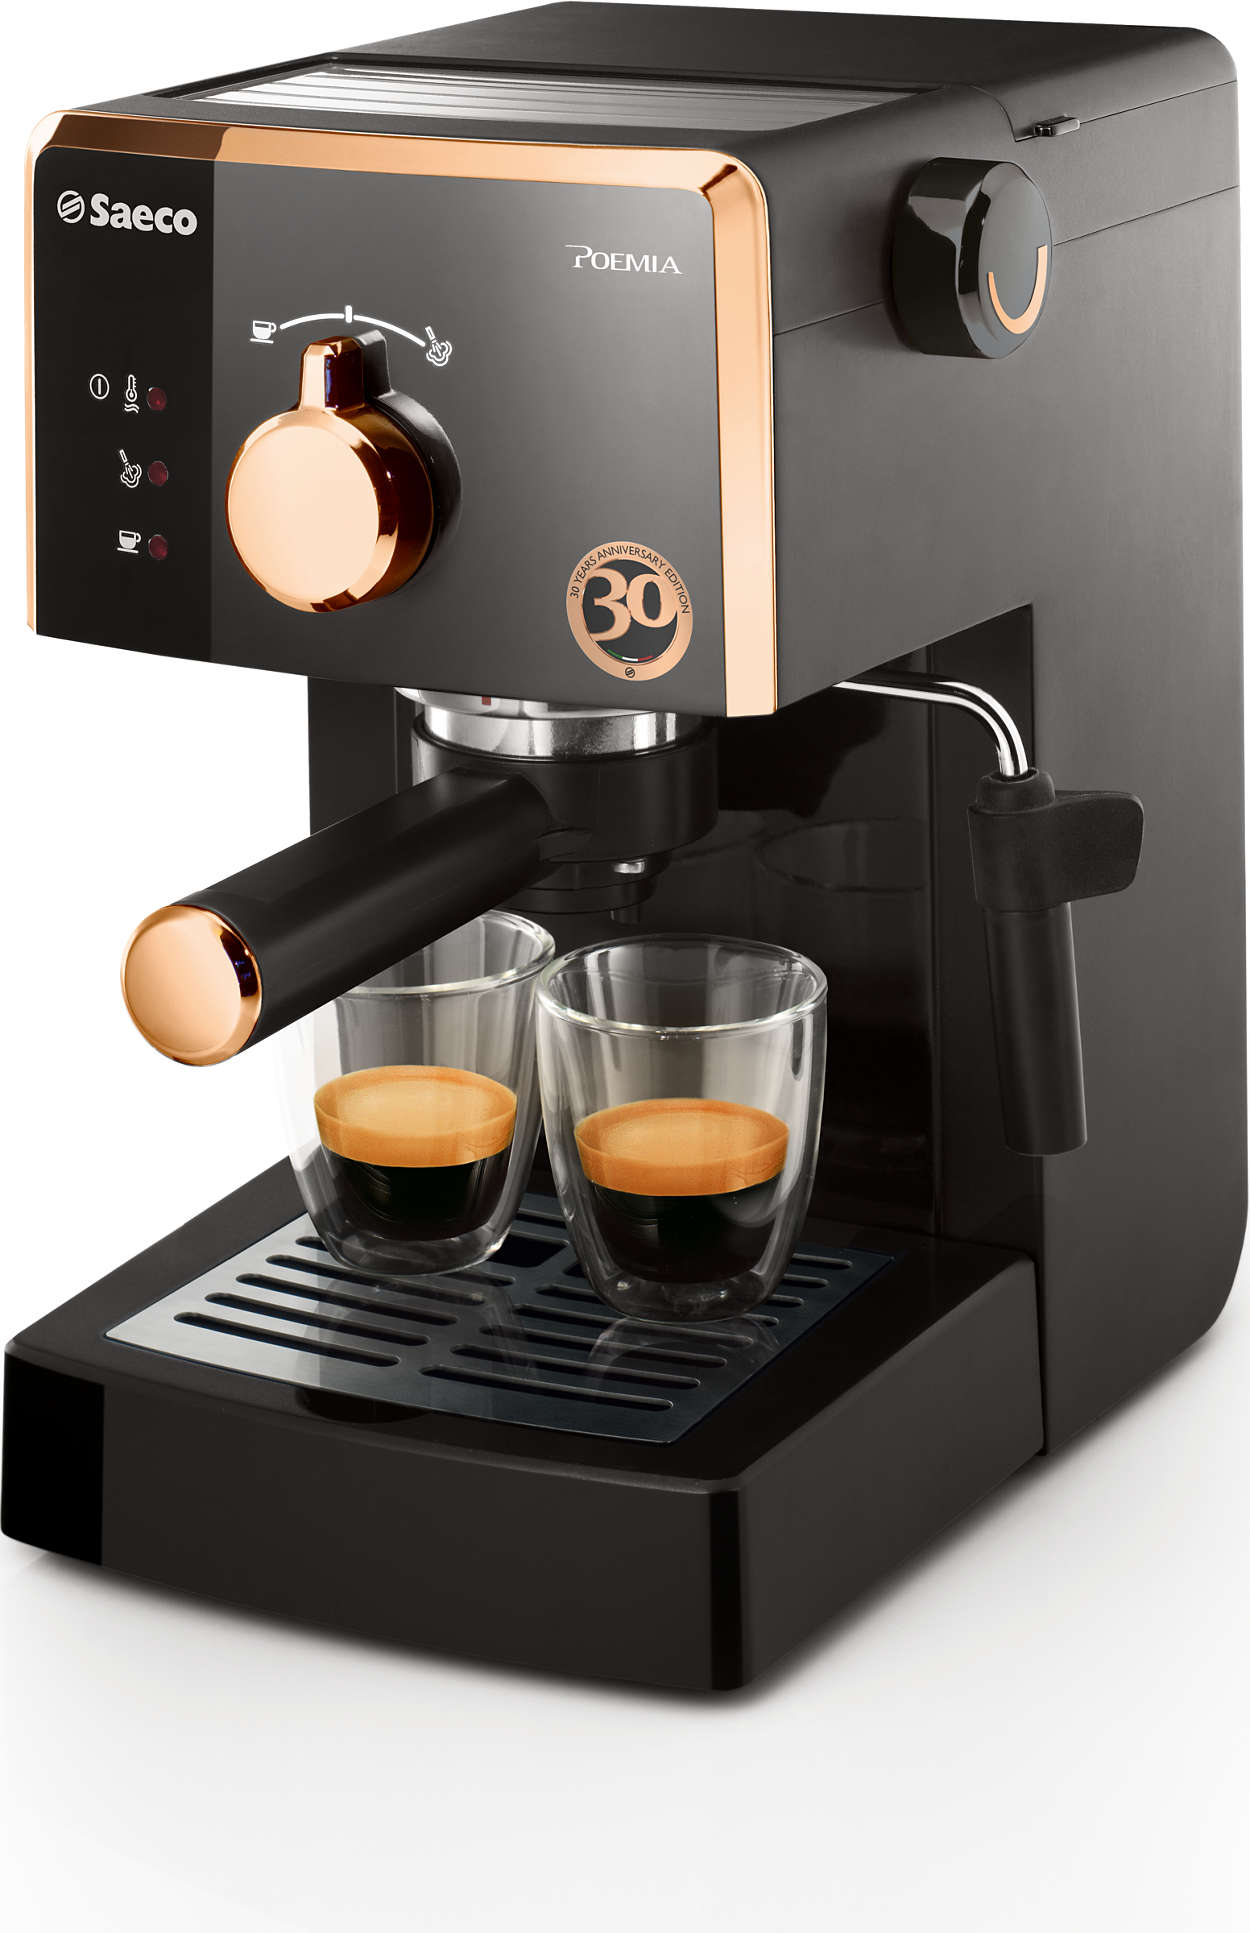 Ekte italiensk espresso hver dag